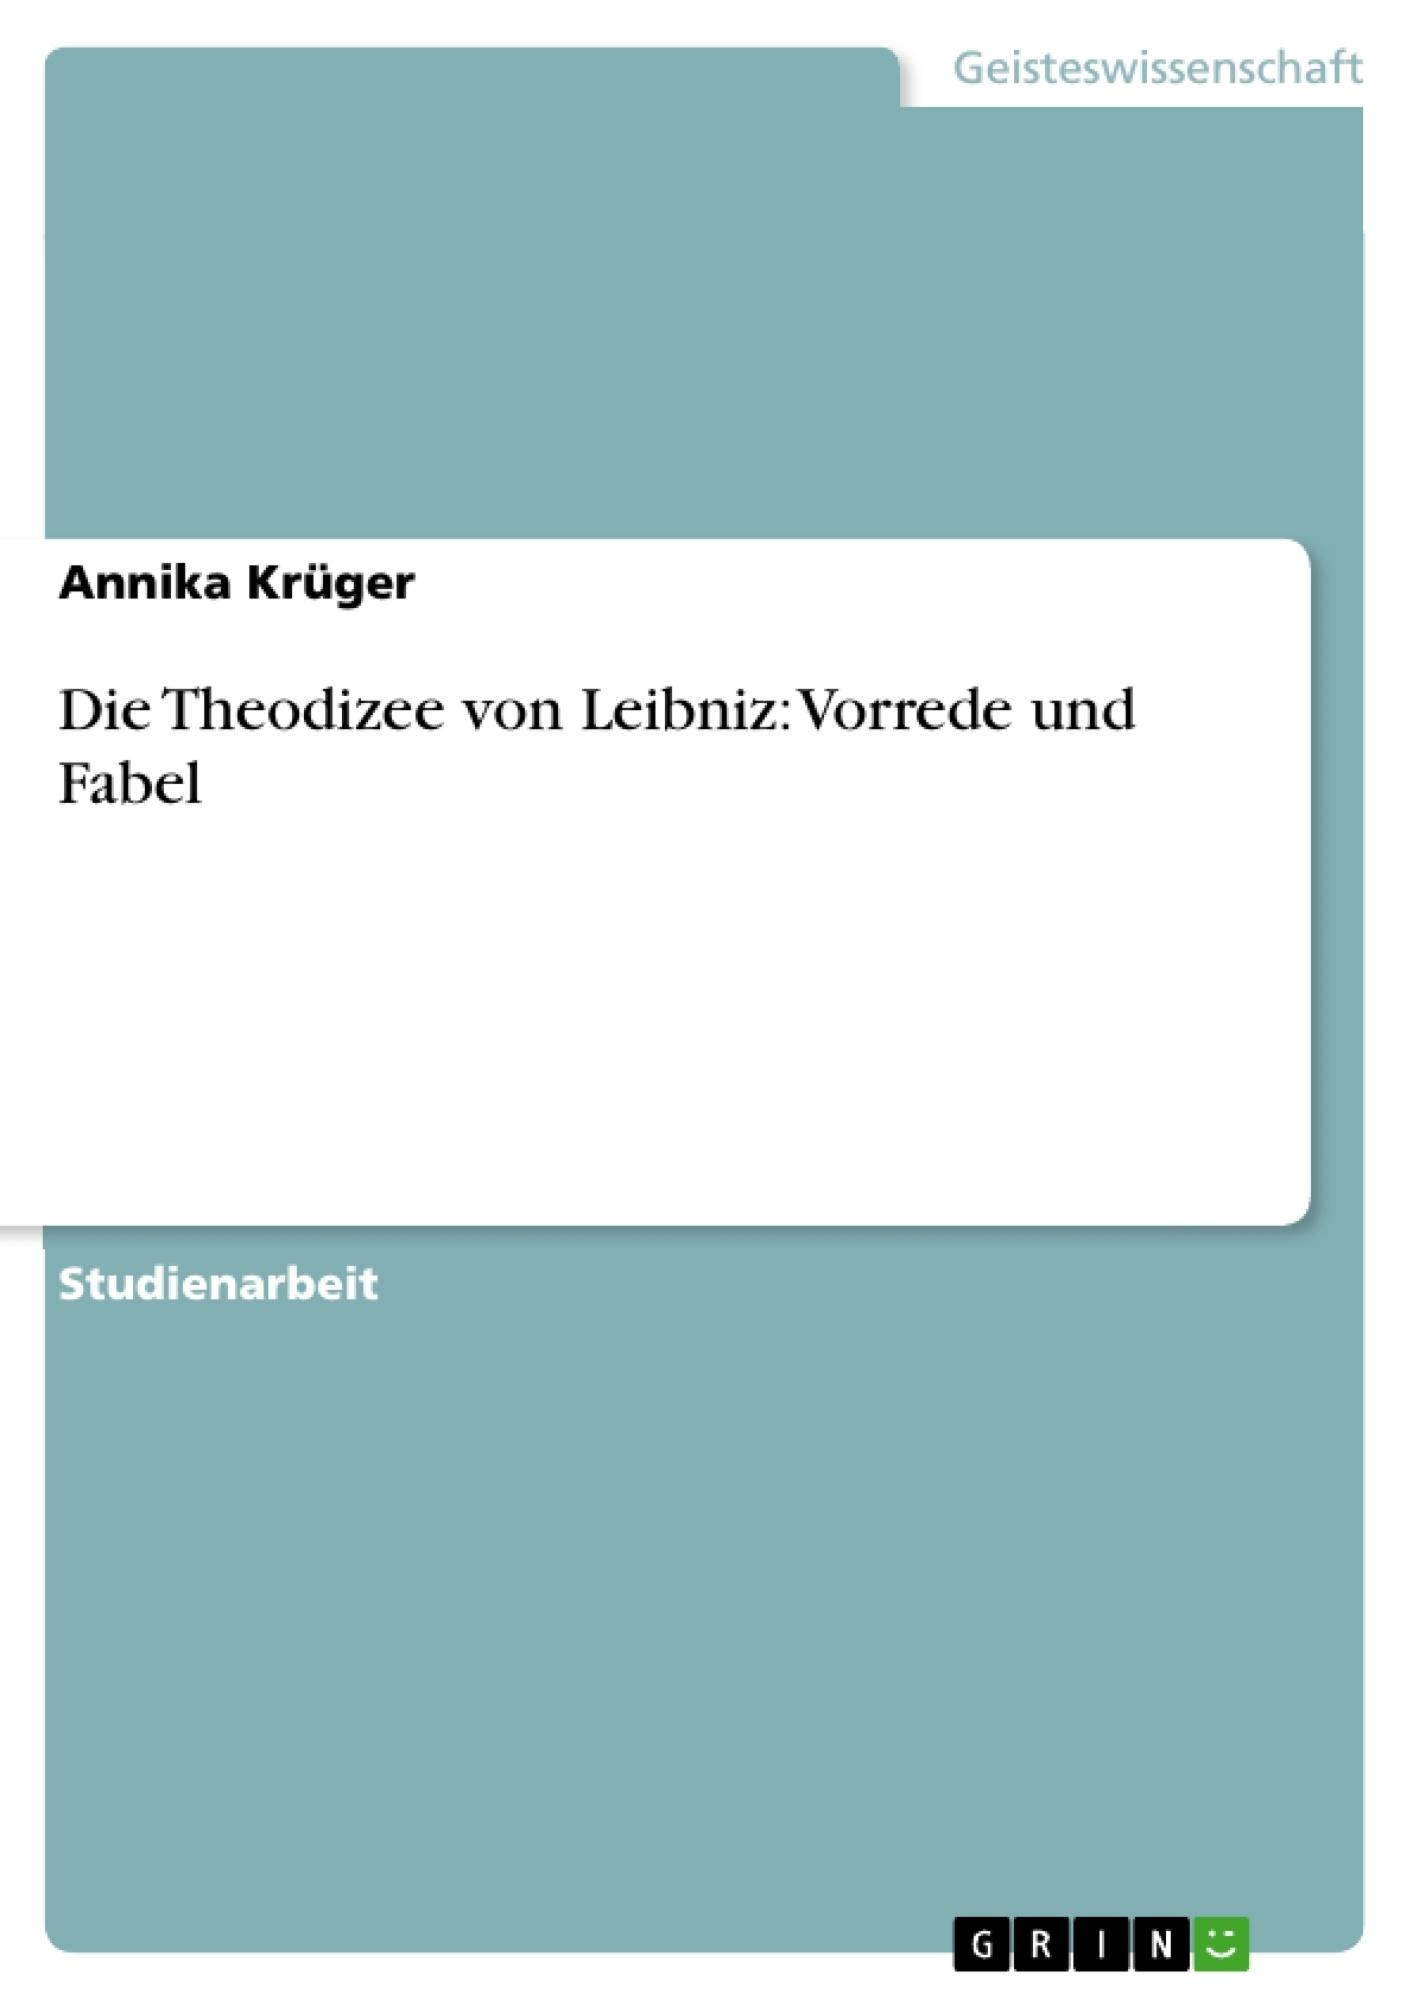 Titel: Die Theodizee von Leibniz: Vorrede und Fabel